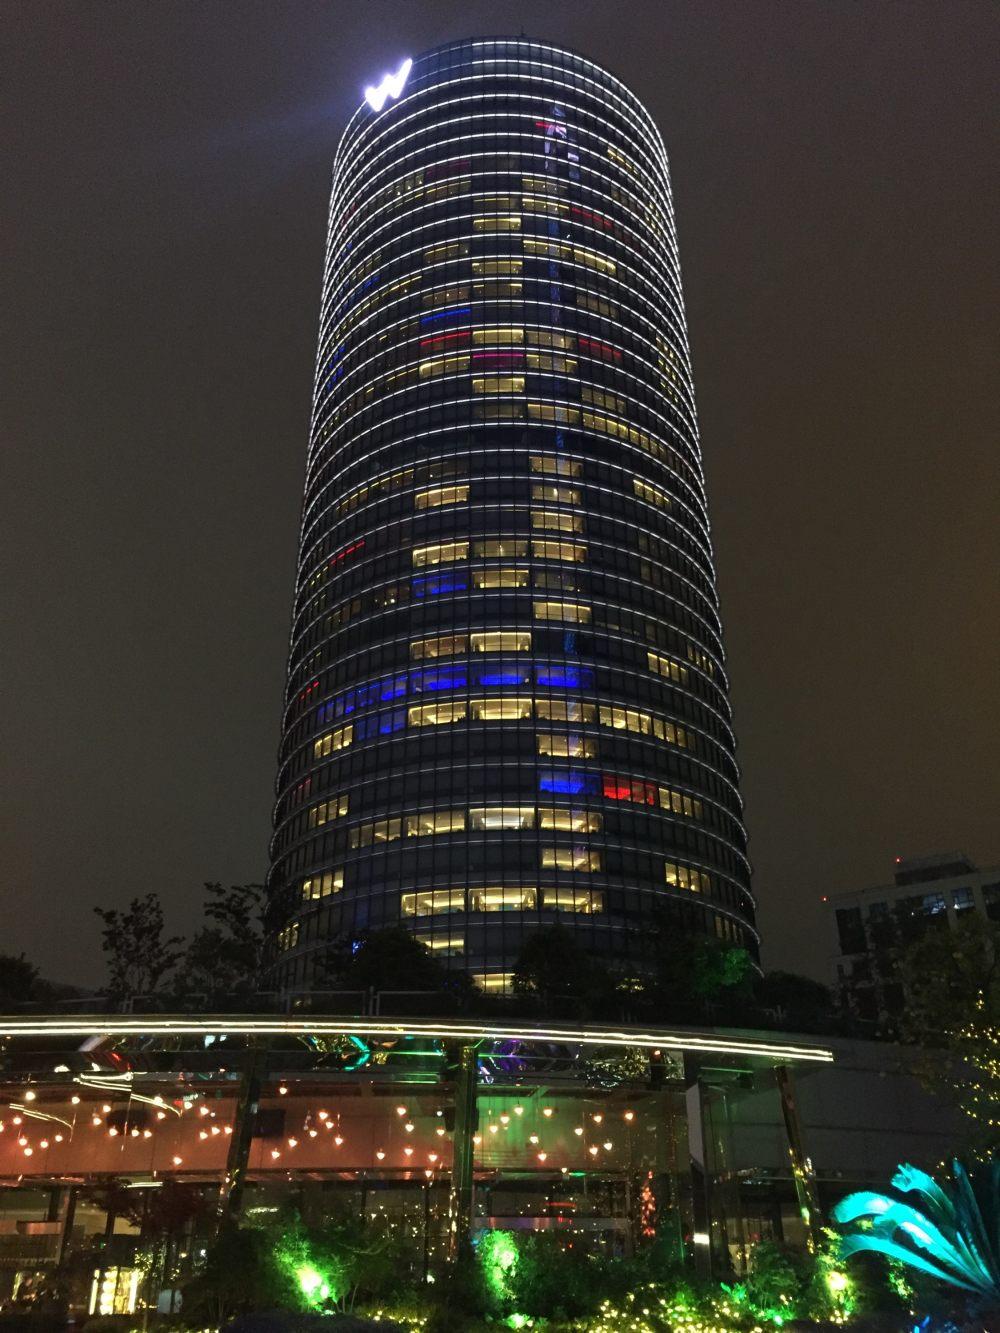 上海外滩W酒店,史上最全入住体验 自拍分享,申请置...._IMG_5883.JPG